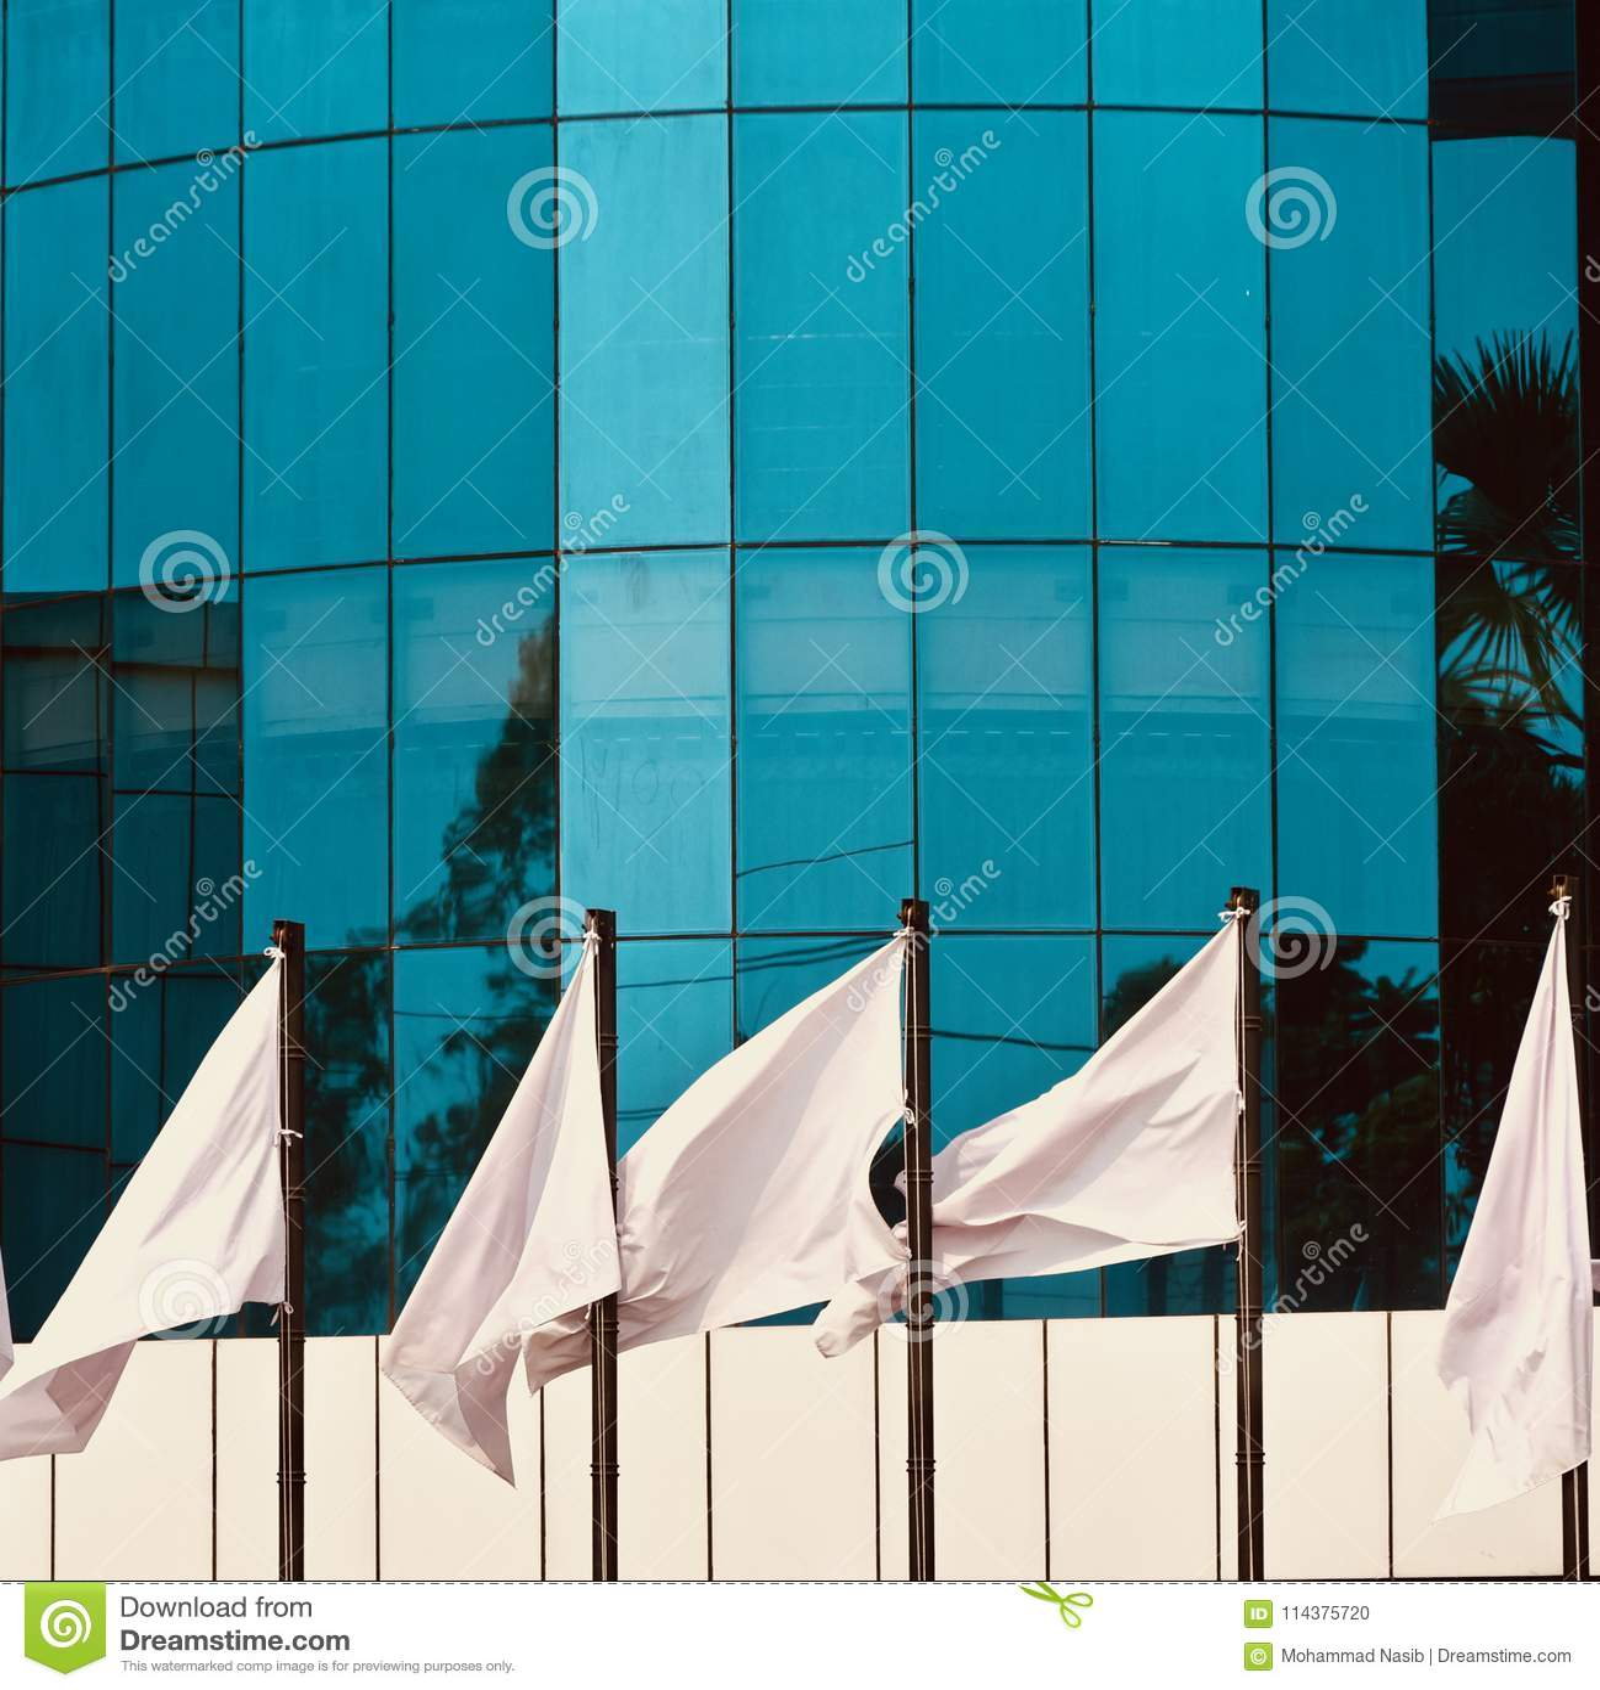 Стекло сделало внешний дизайн из современного фото запаса здания